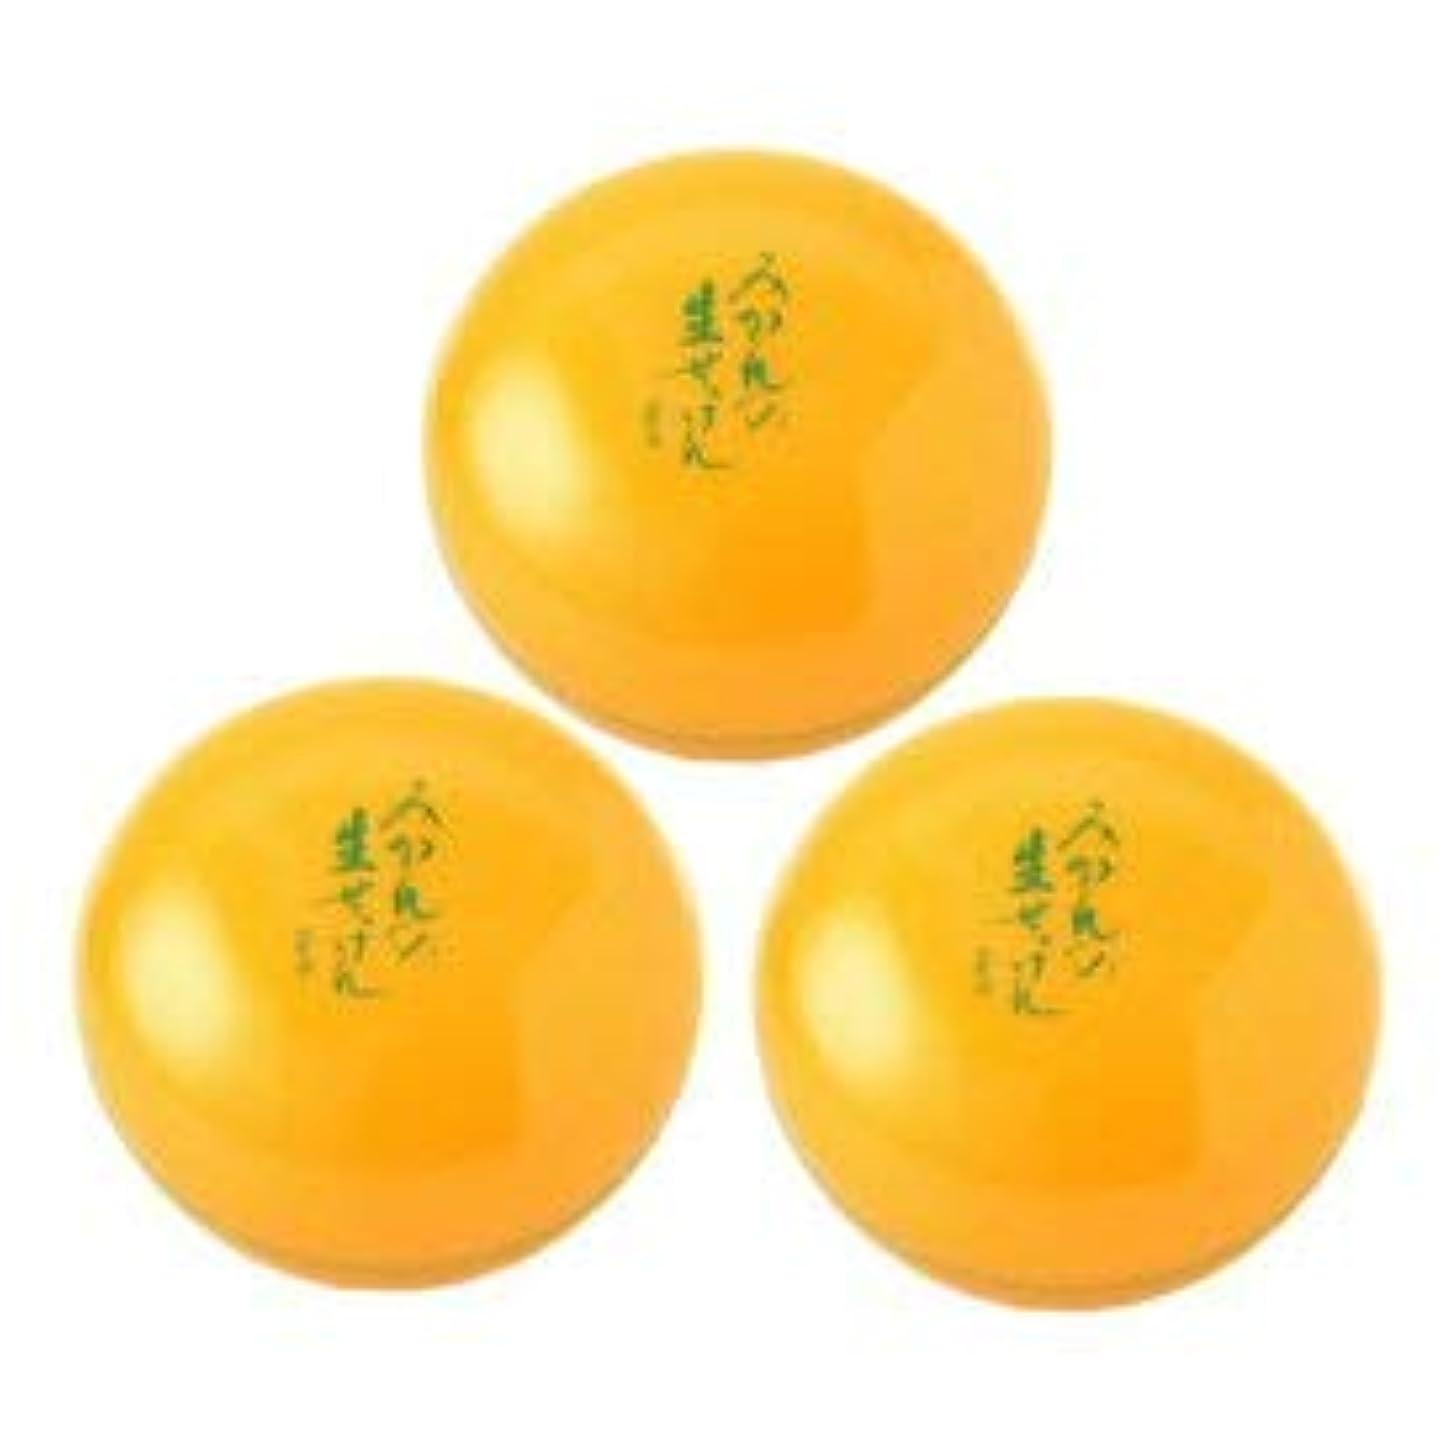 電気意図緩むUYEKI美香柑みかんの生せっけん50g×3個セット